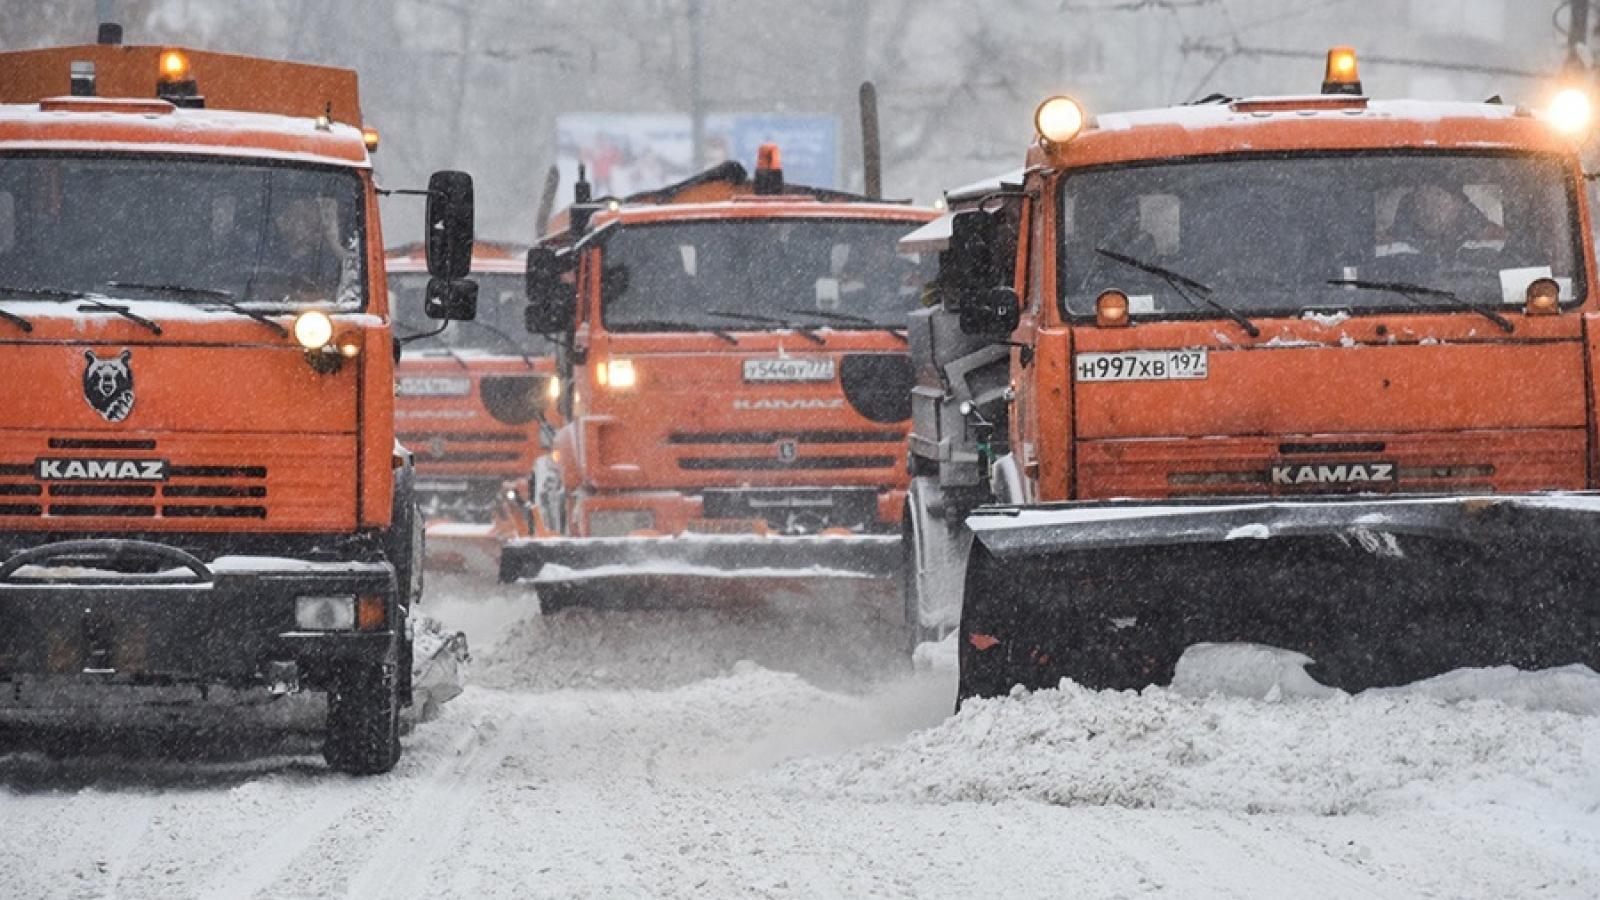 Bí kíp giúp người Moscow (Nga) đối phó với tuyết và băng mỗi mùa đông